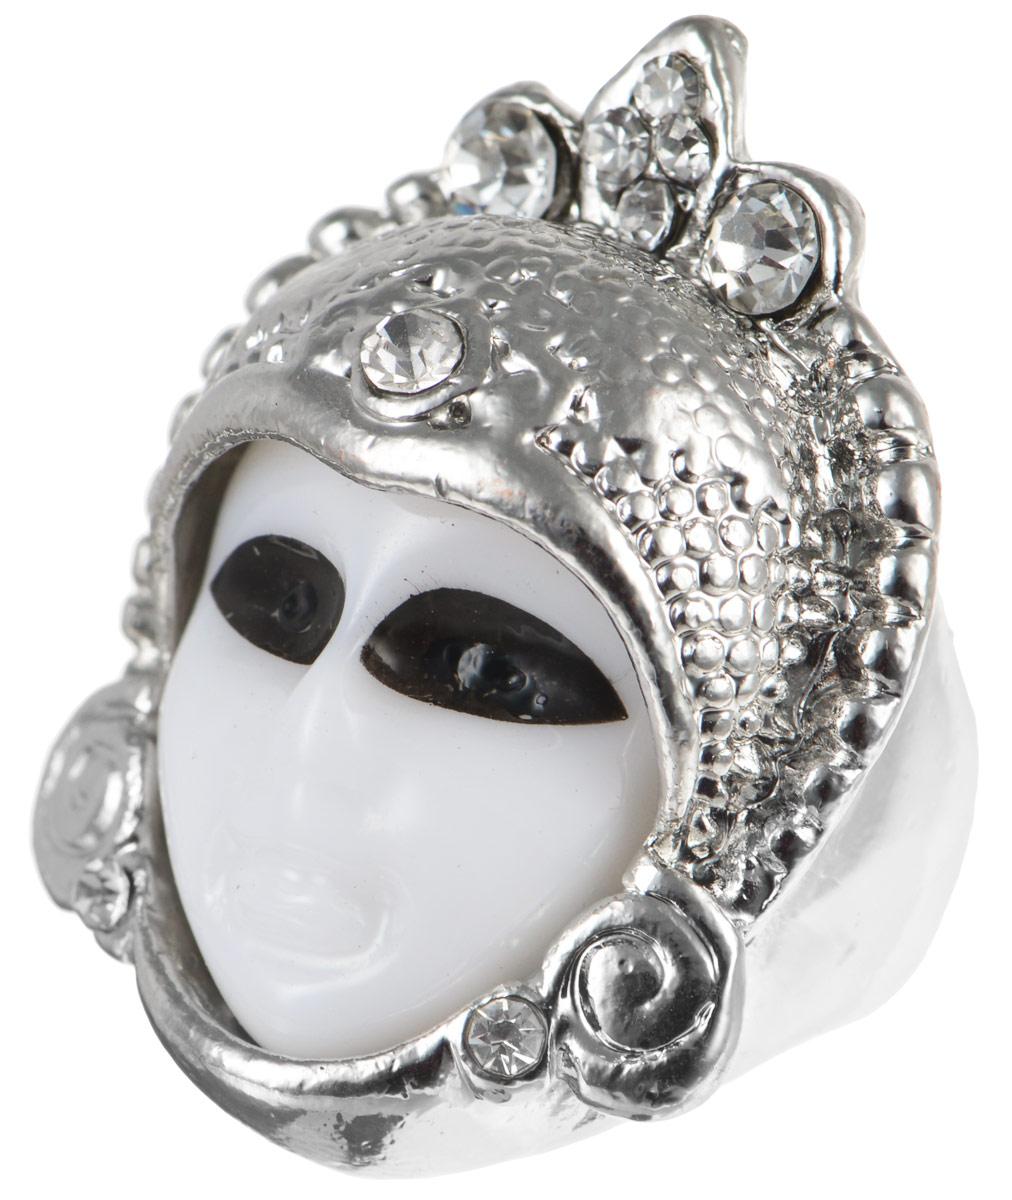 Кольцо YusliQ. Ручная авторская работа. 26-02026-020Авторское кольцо ручной работы YusliQ выполнено из металла в виде маски и оформлено стразами. Такое кольцо это блестящее завершение вашего неповторимого и смелого образа и отличный подарок для ценительницы необычных украшений!